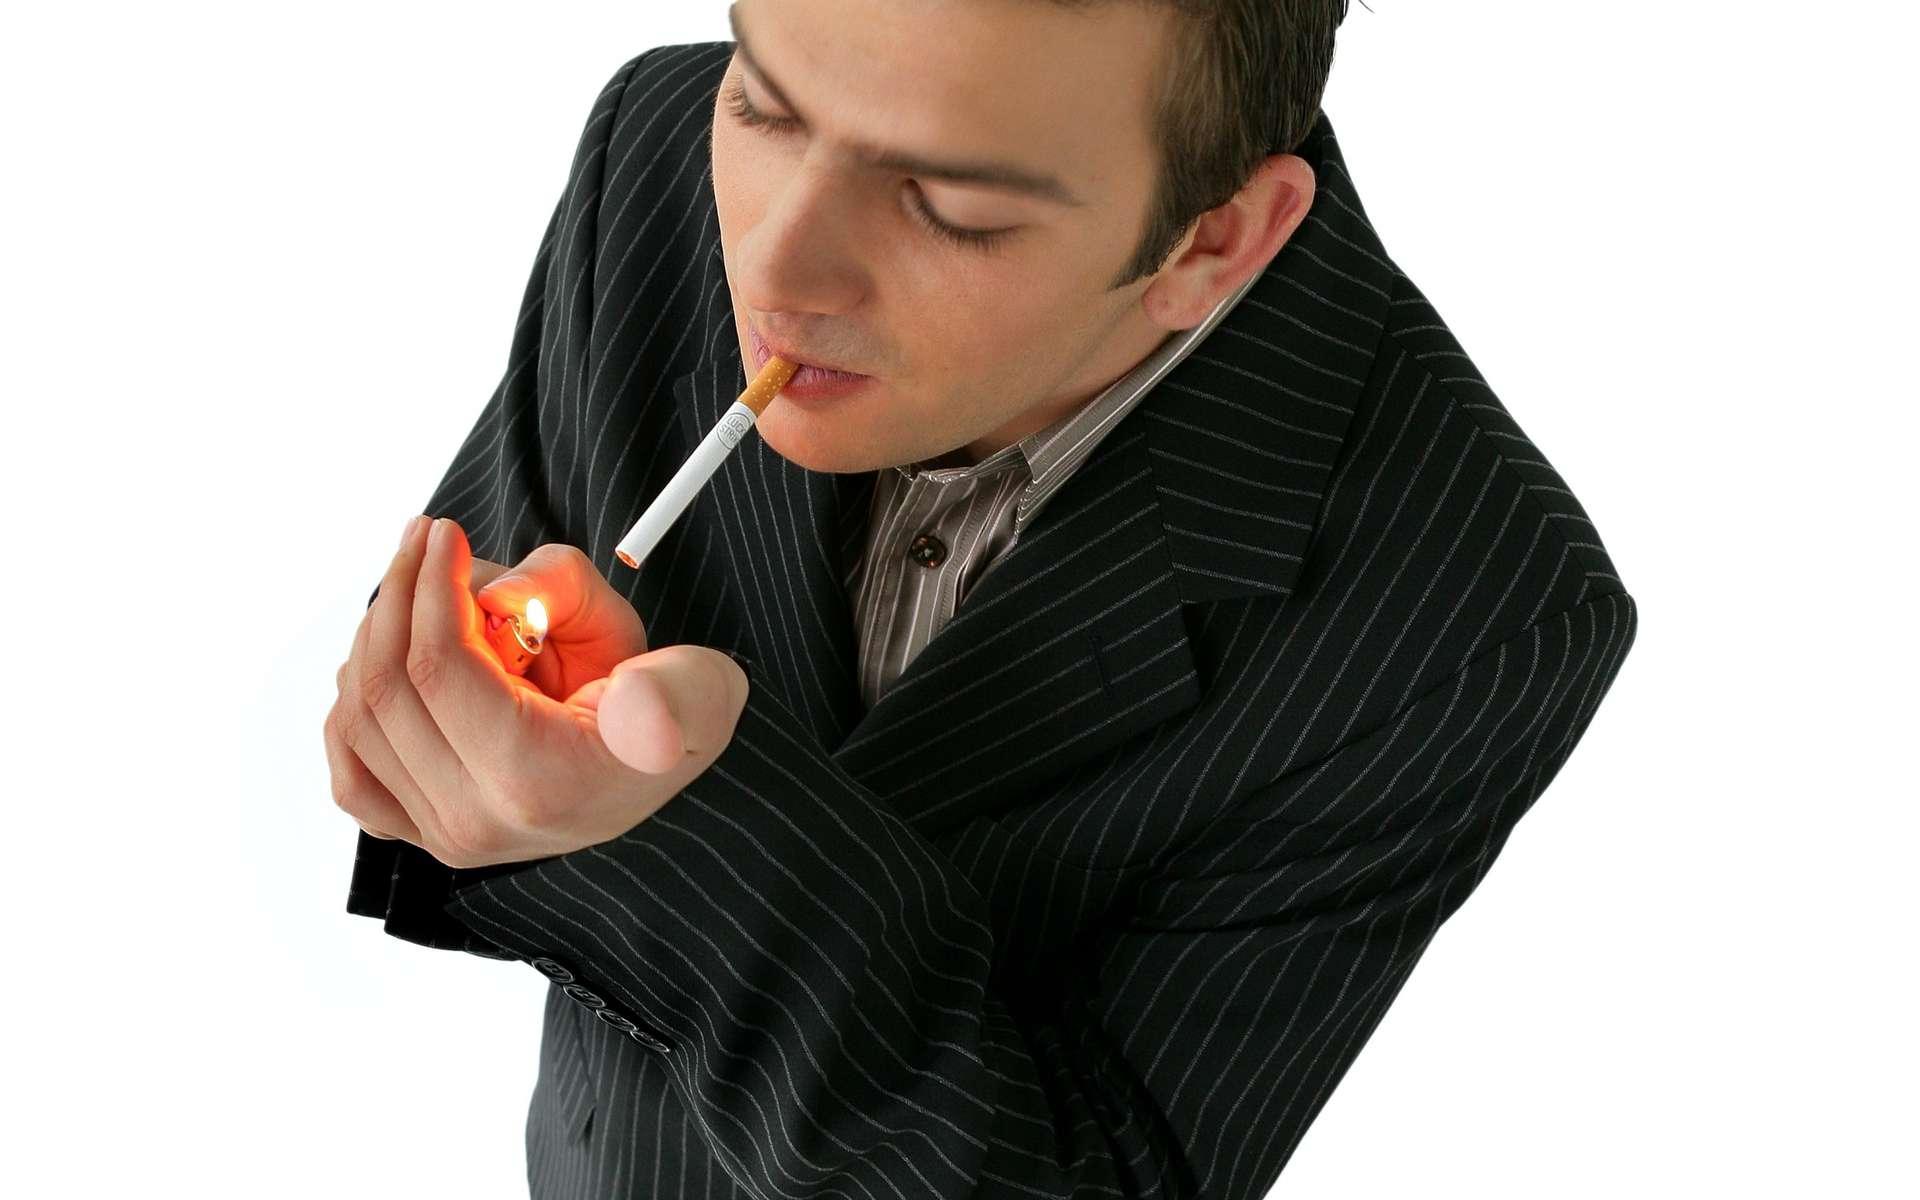 La cigarette : un danger pour les yeux. © Phovoir